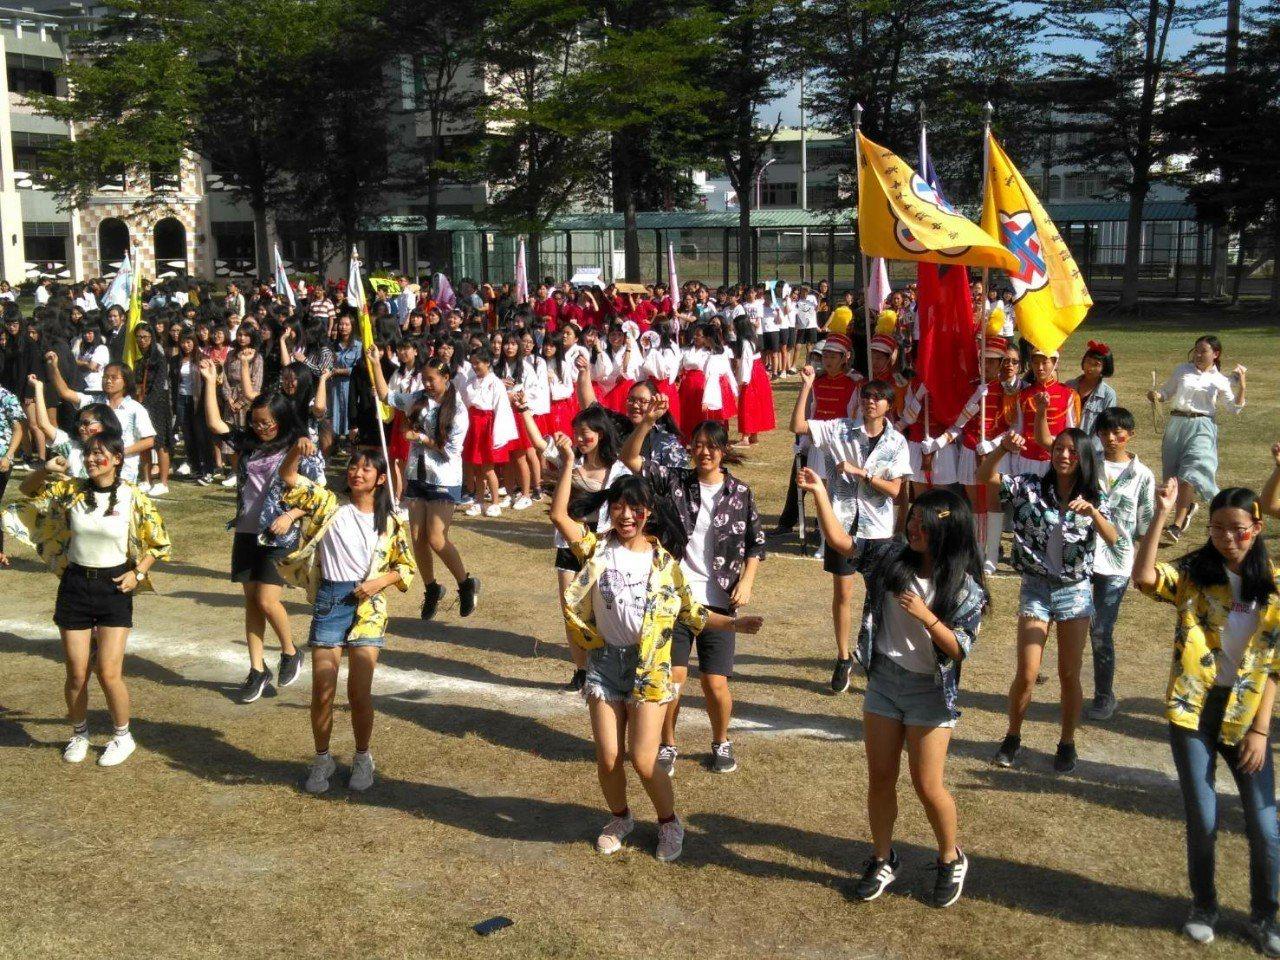 台東女中今天舉辦校慶及運動會,學生化妝進場帶動觀樂氣氛。圖/台東女中提供